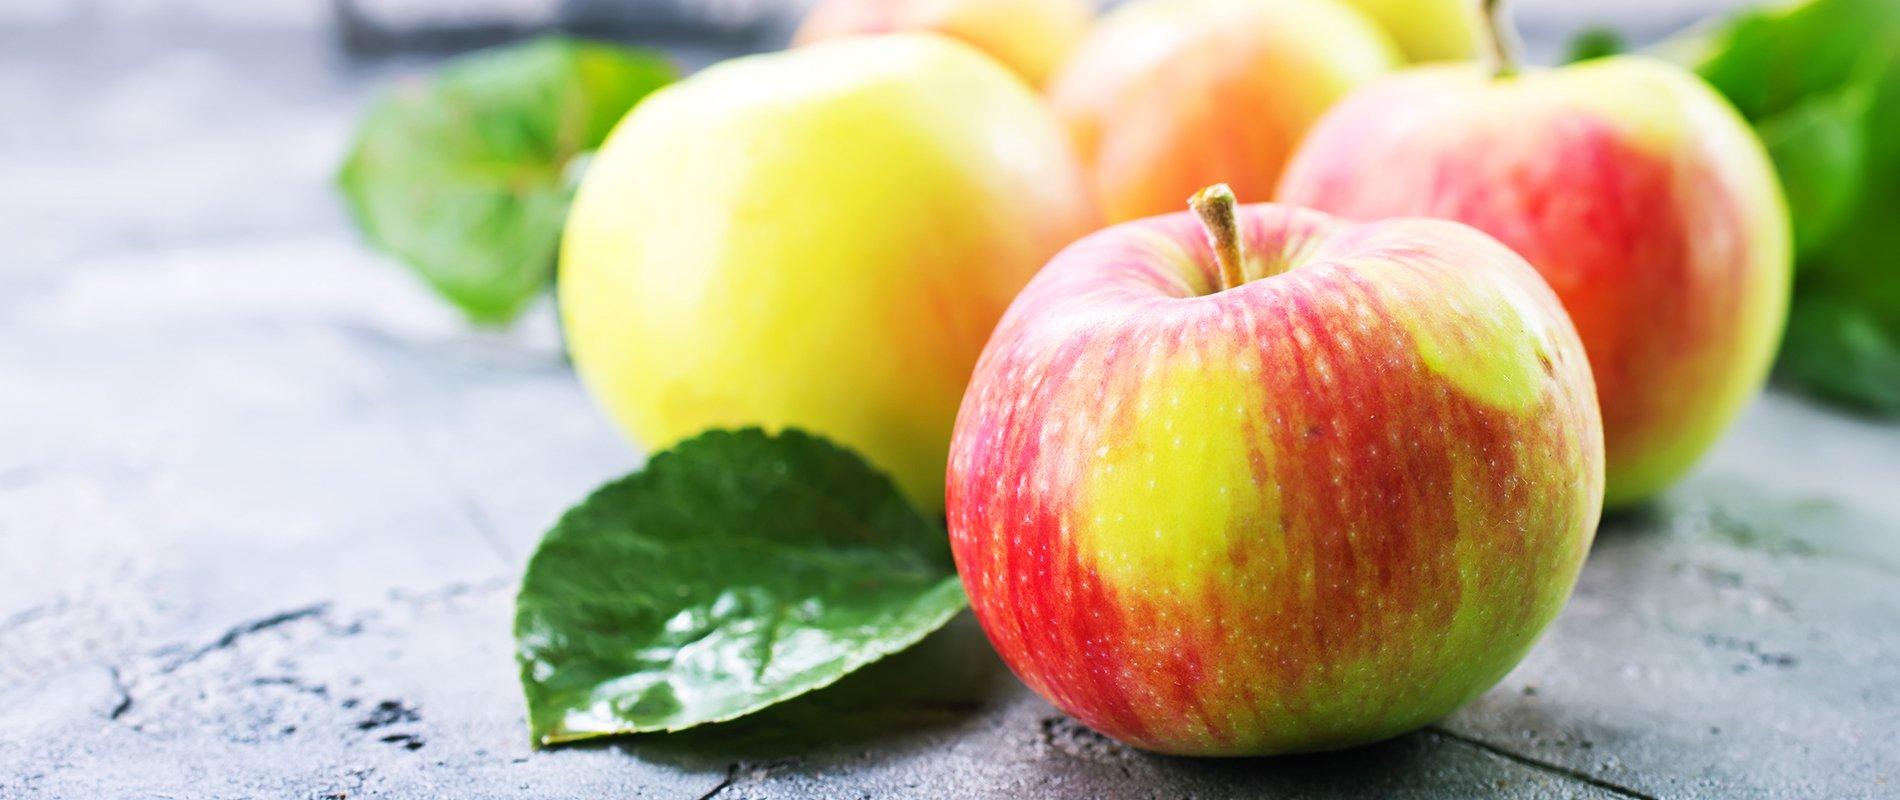 Over voeding - Wat is gezond en wat helpt om af te vallen?